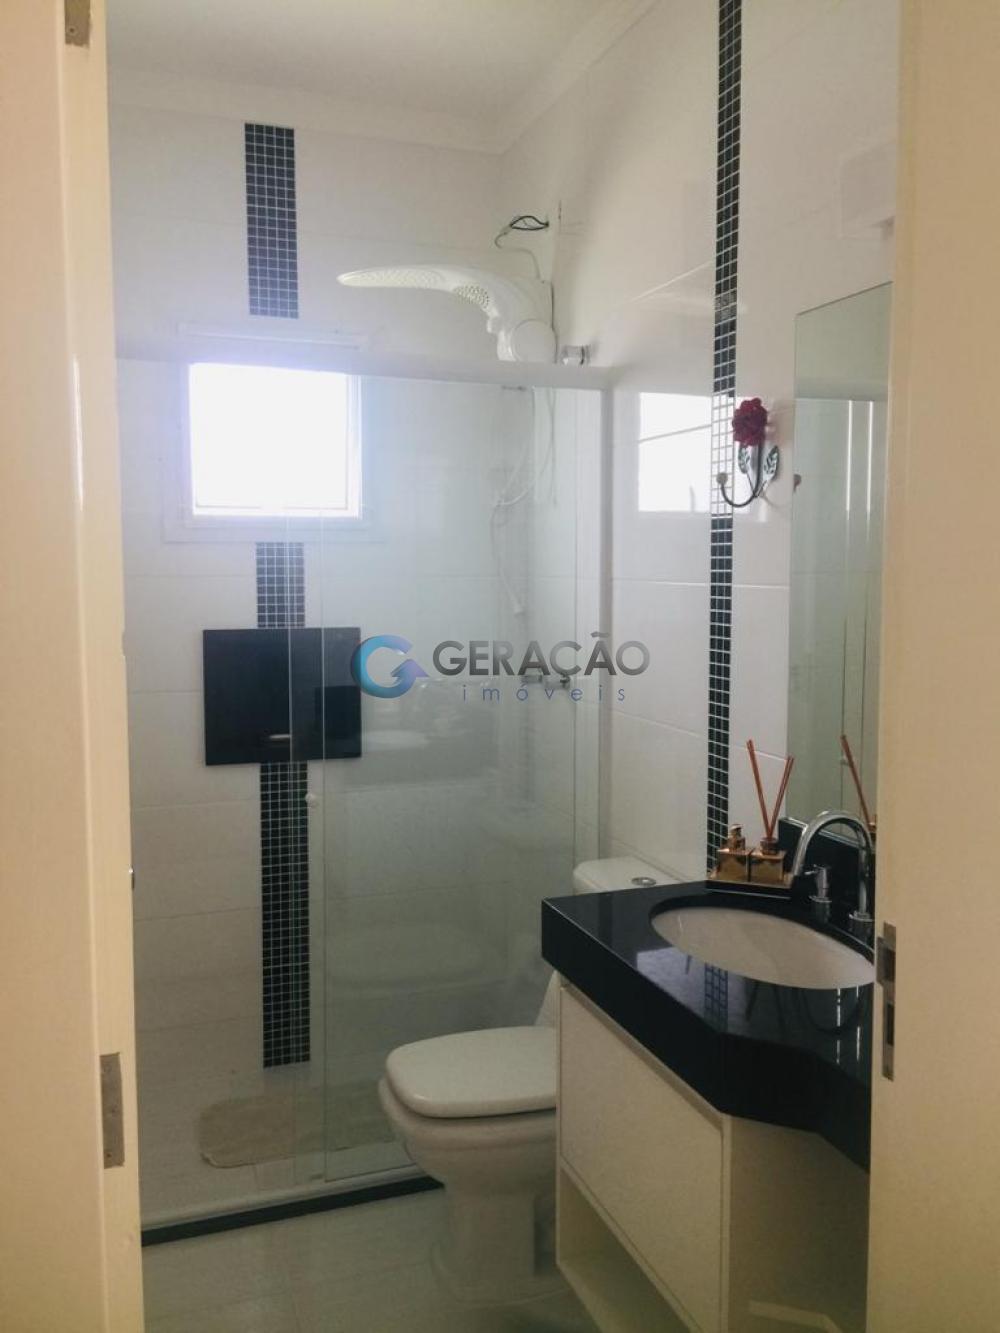 Comprar Casa / Condomínio em São José dos Campos apenas R$ 950.000,00 - Foto 32